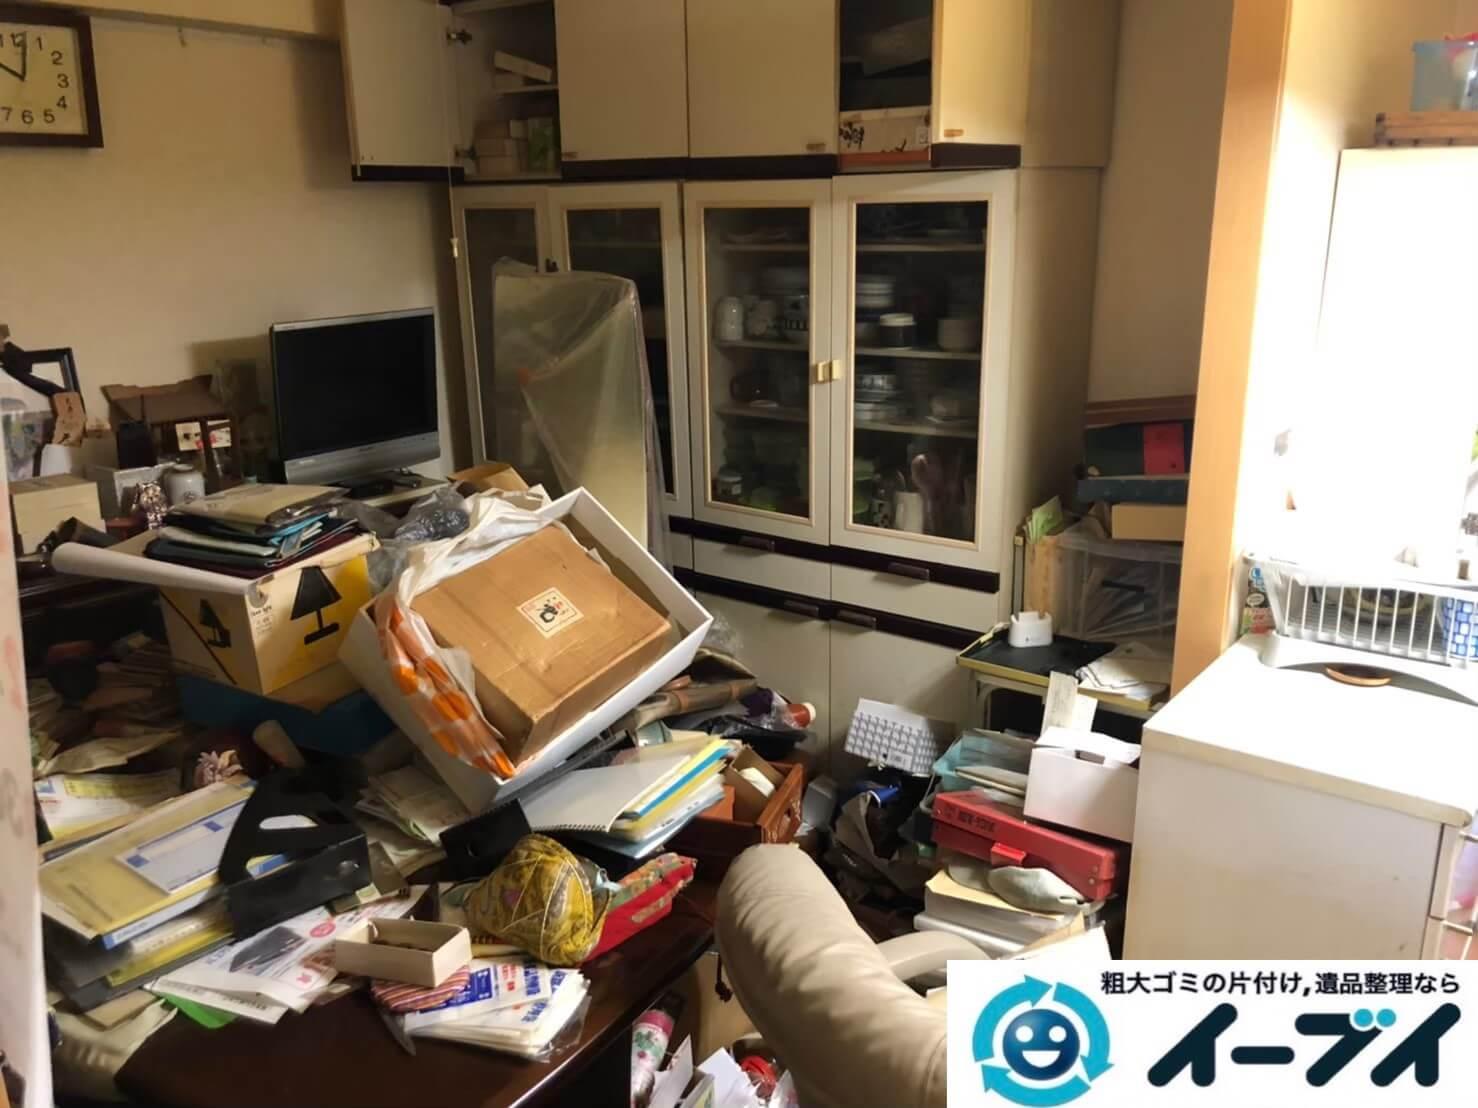 2020年9月23日大阪府富田林市でお家に物やゴミが散乱しゴミ屋敷化した汚部屋の片付け作業です。写真1